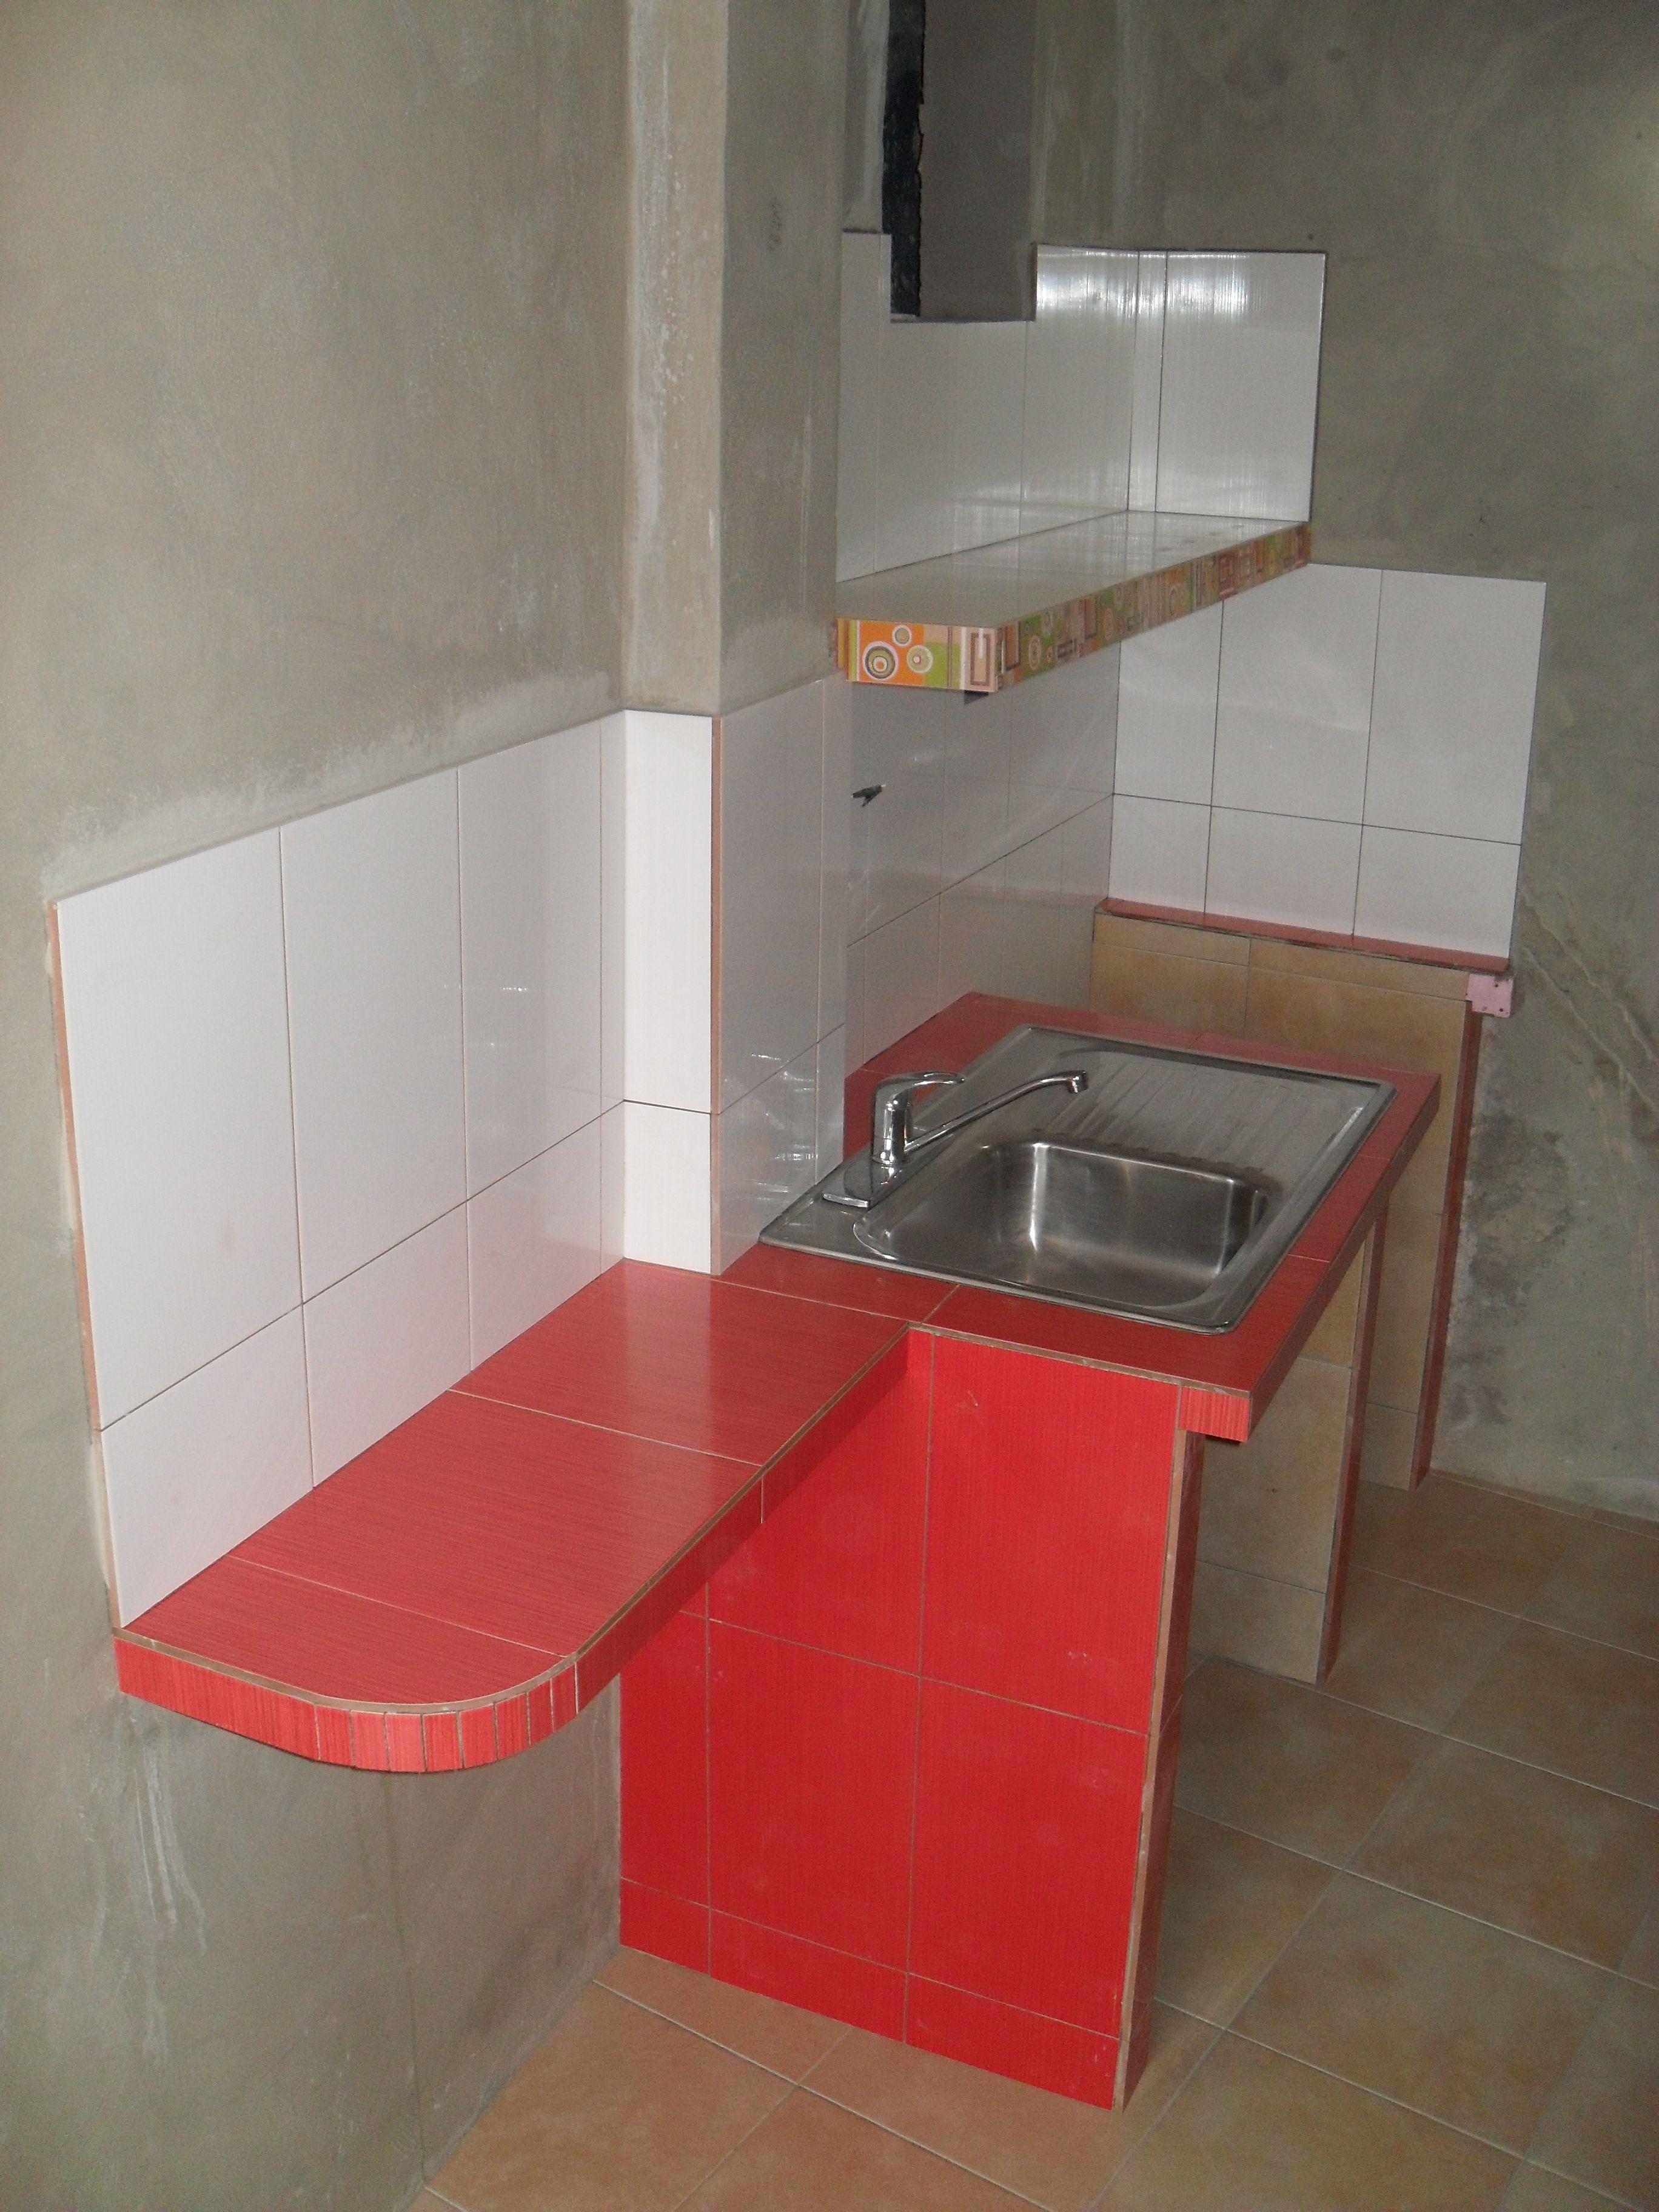 Una mini cocina para pequeños espacios, mampostería cubierta con ...